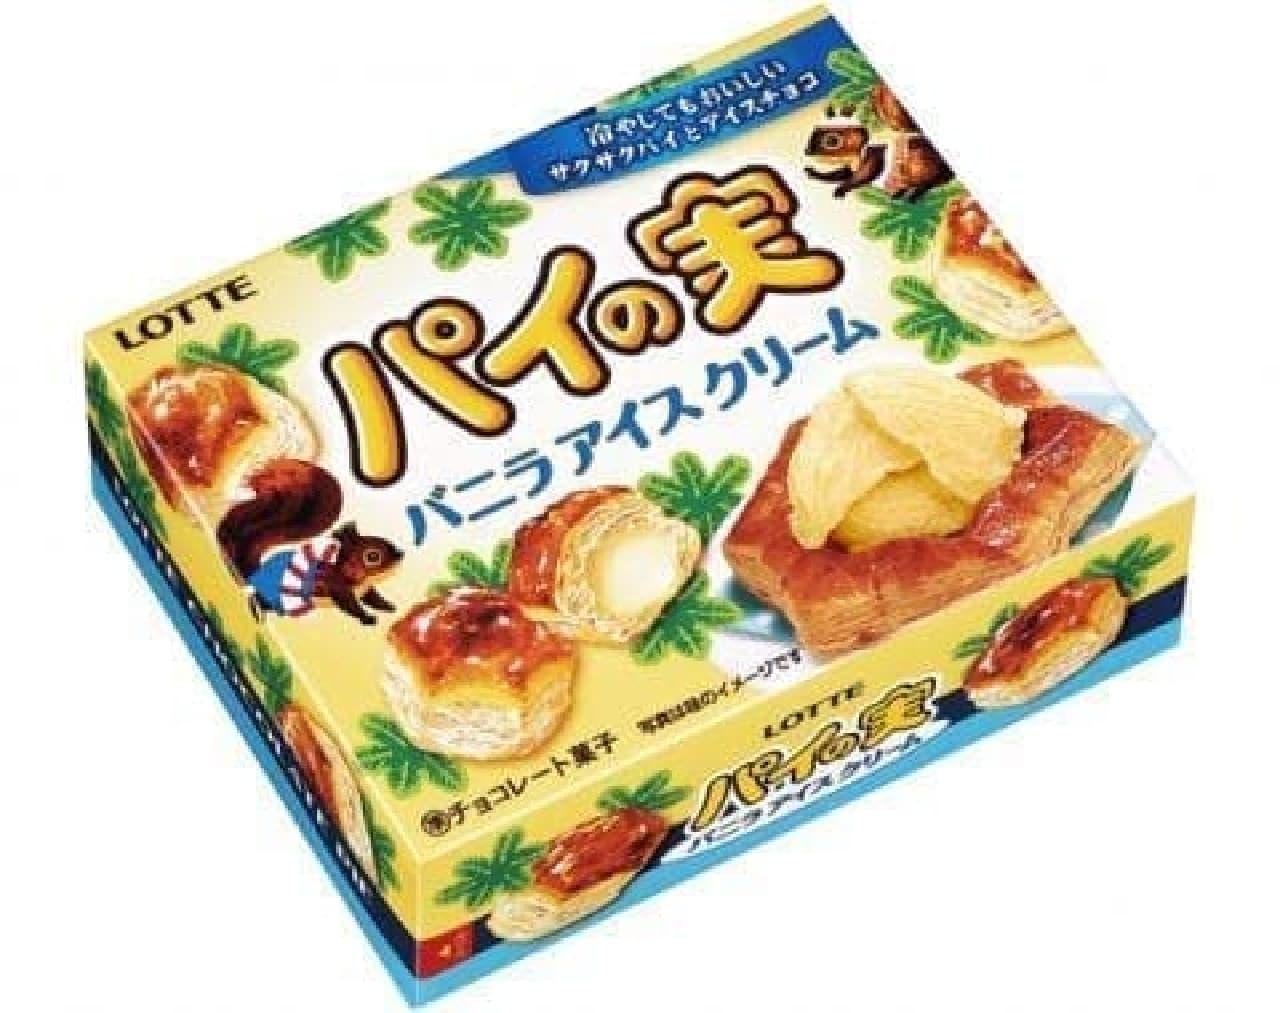 ロッテ「パイの実<バニラアイスクリーム>」